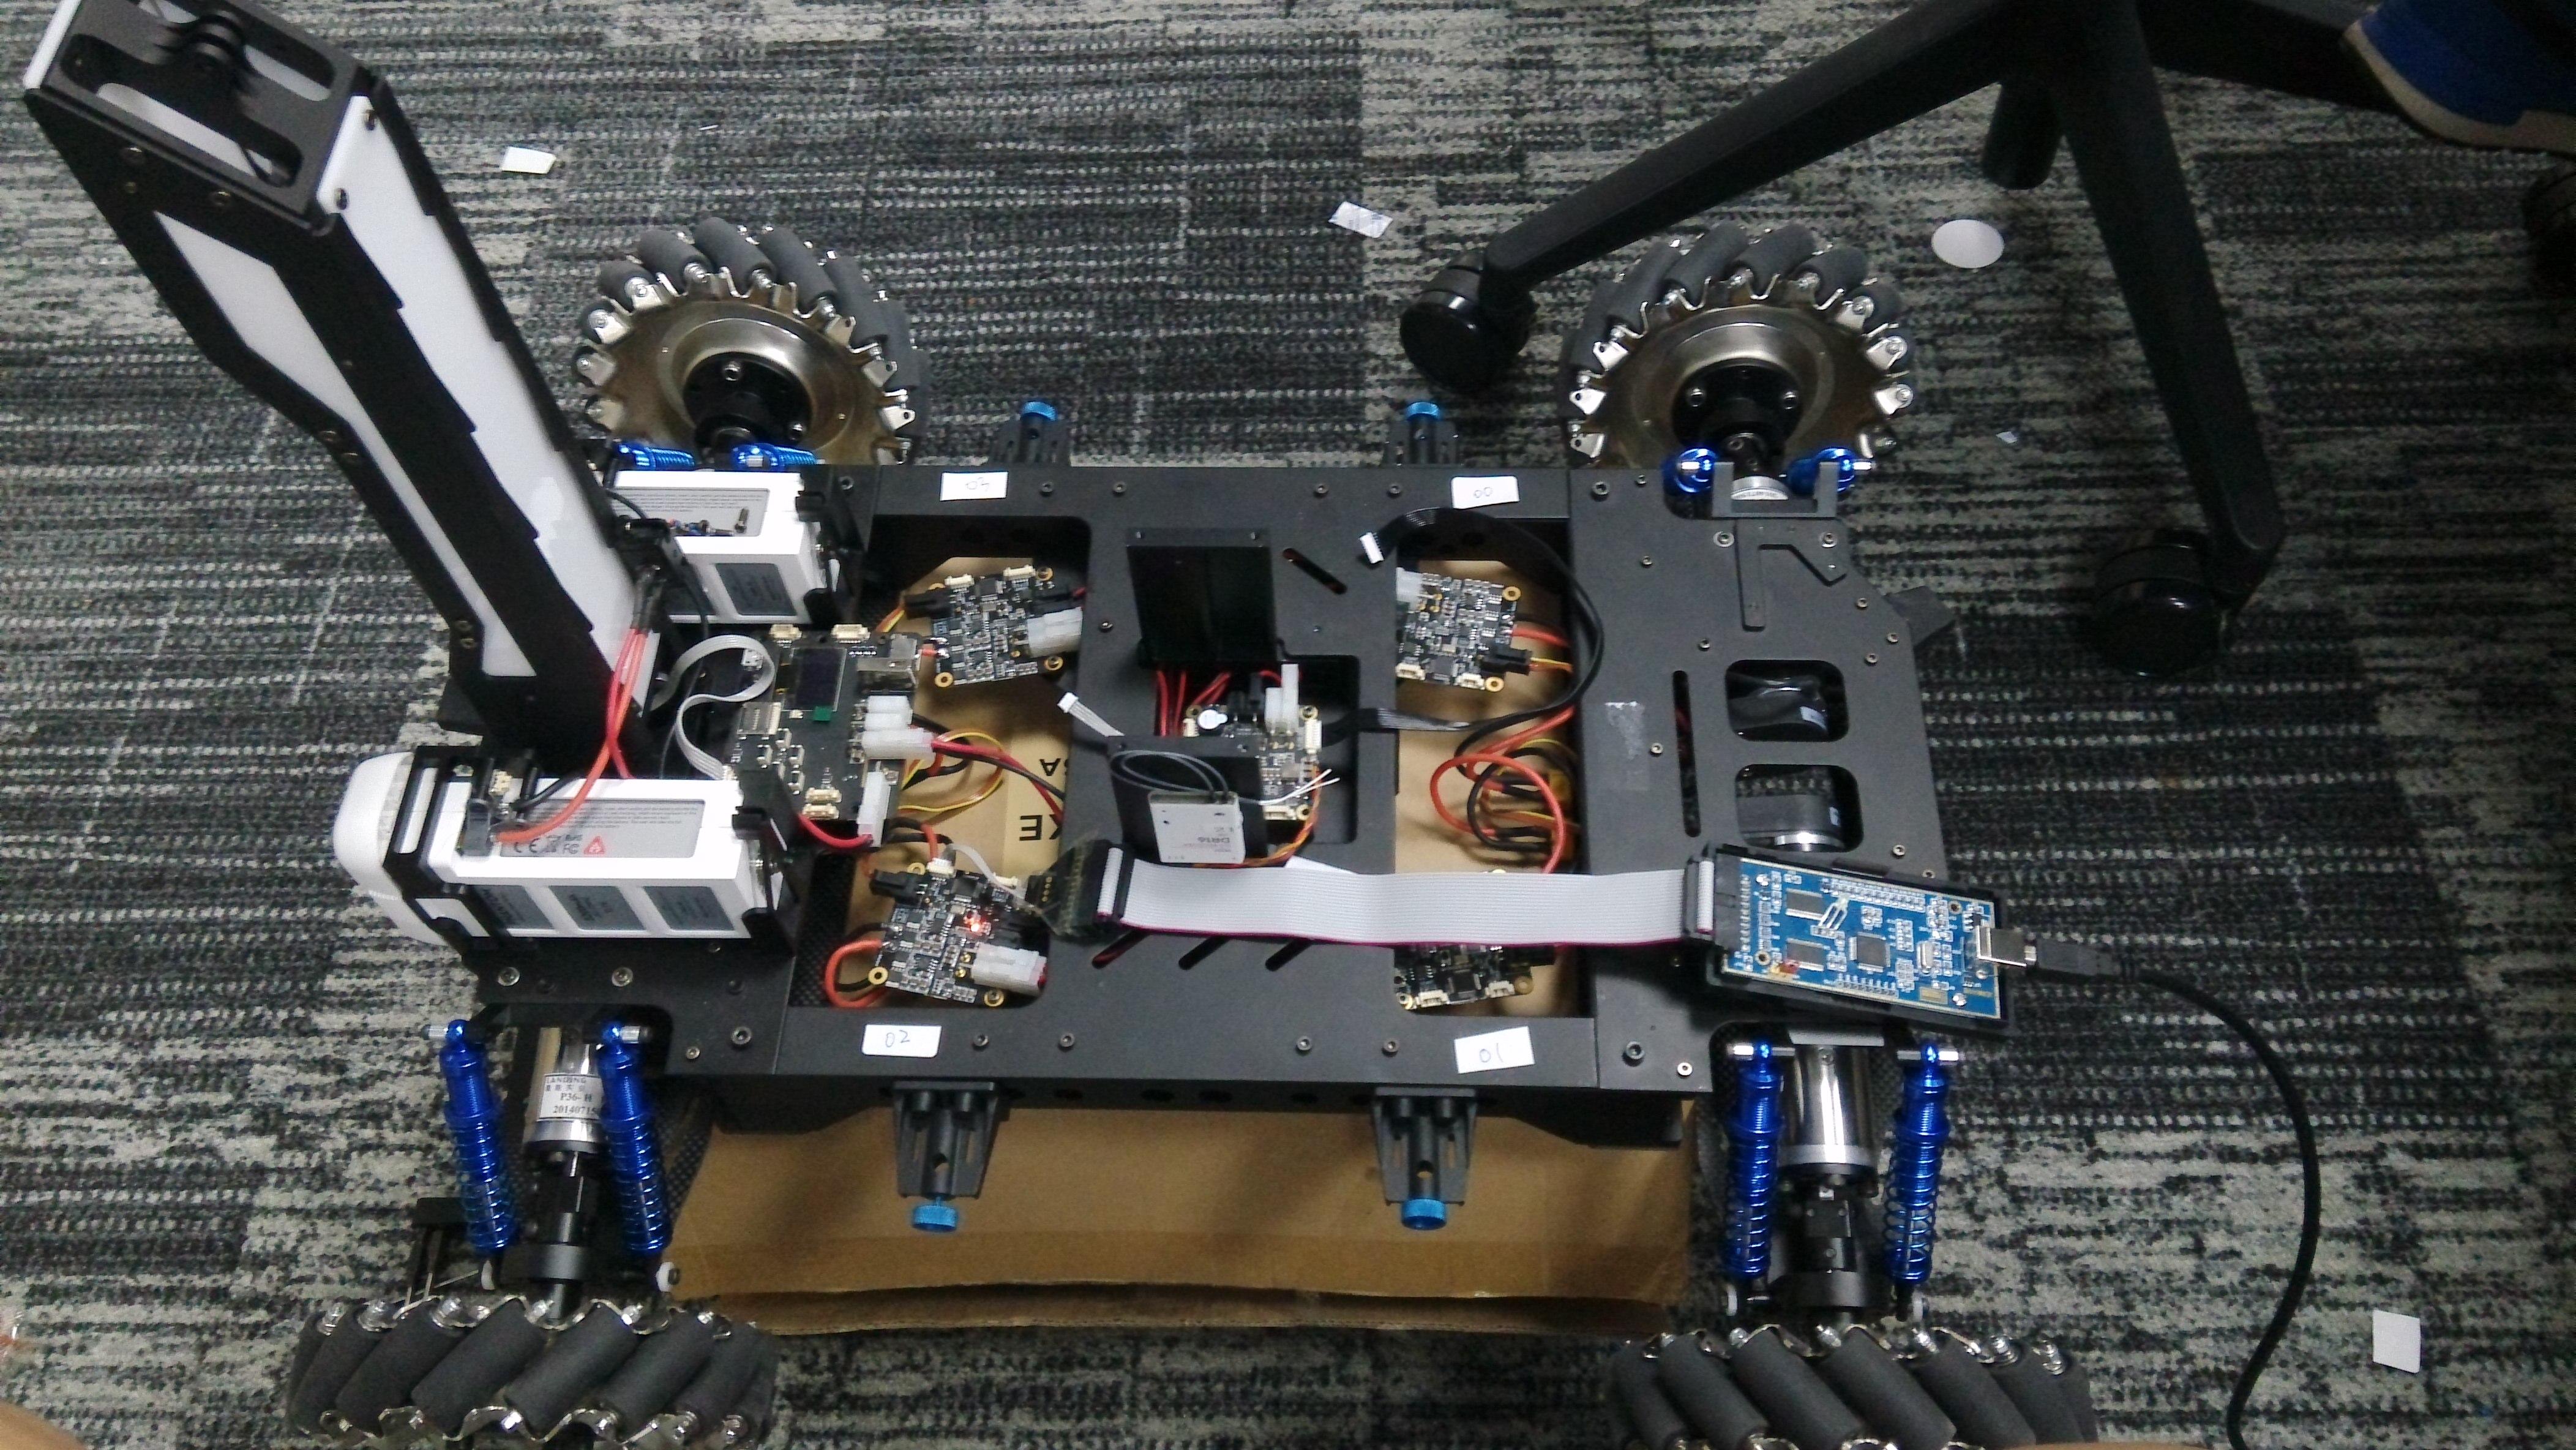 移动平台的三维重建与室内导航+sin210开发板申请